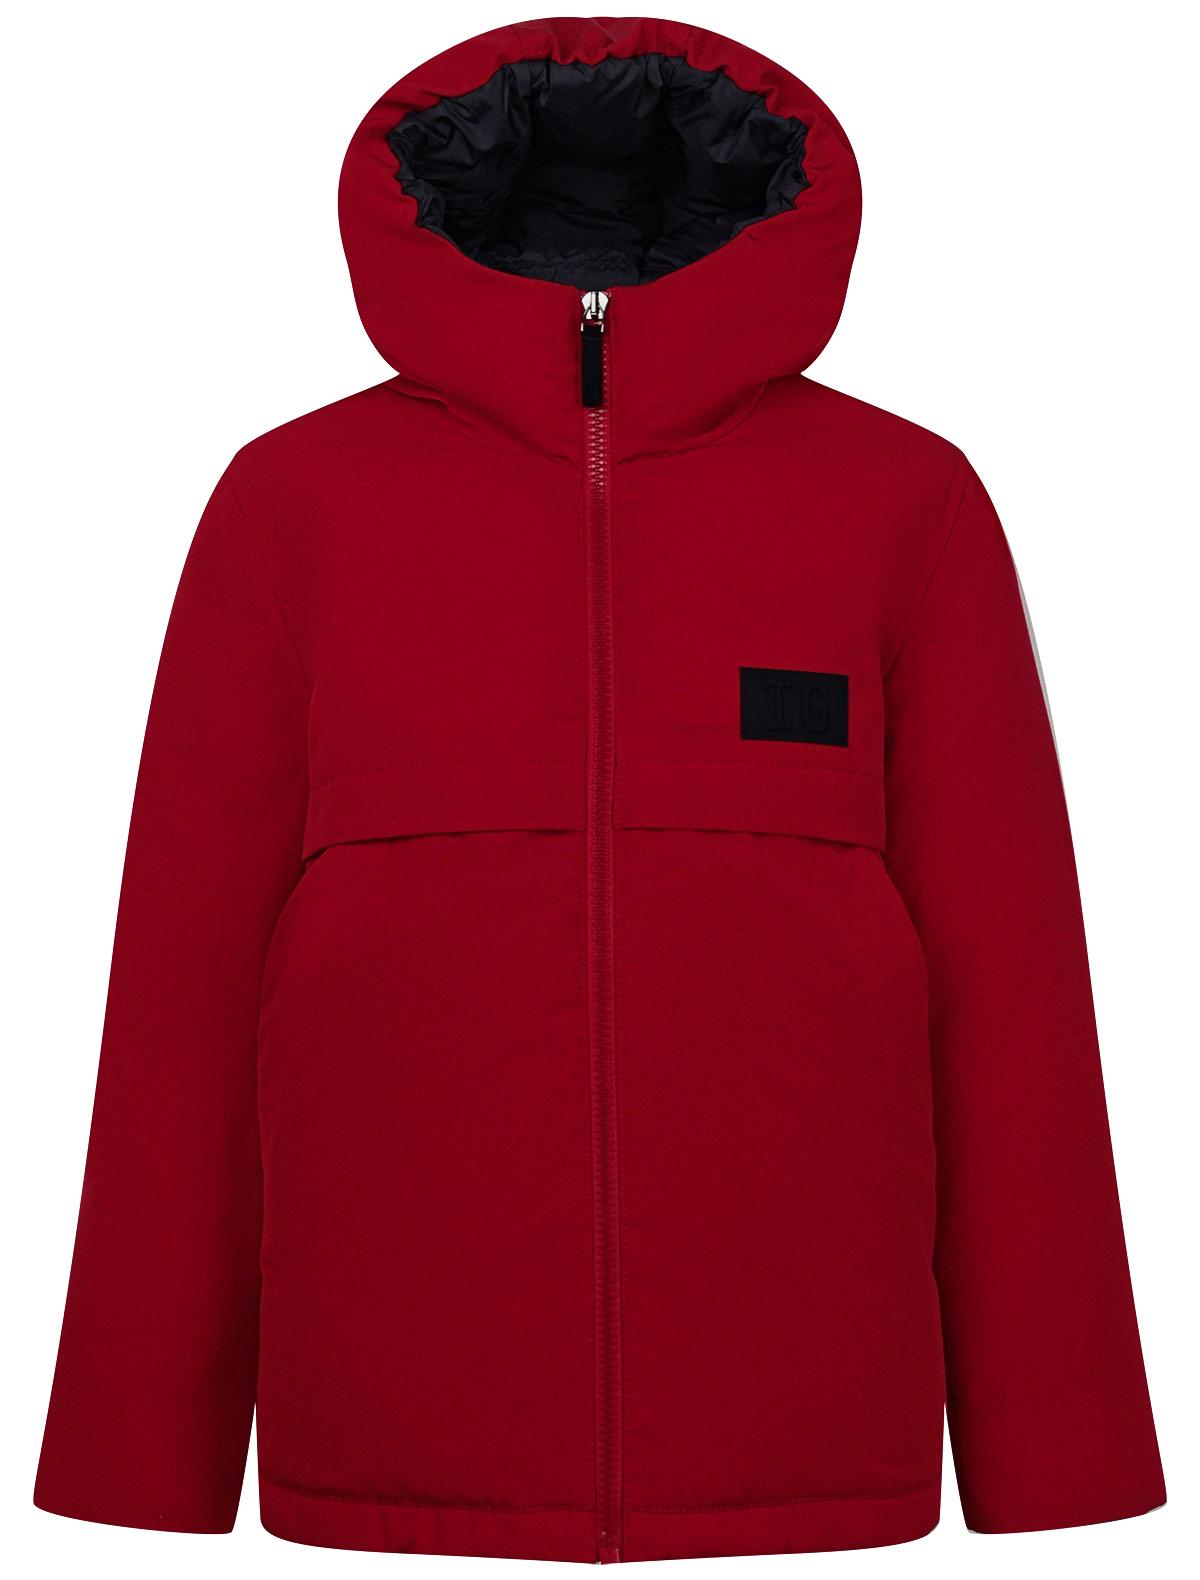 Купить 2243882, Куртка Il Gufo, красный, Мужской, 1074519084775